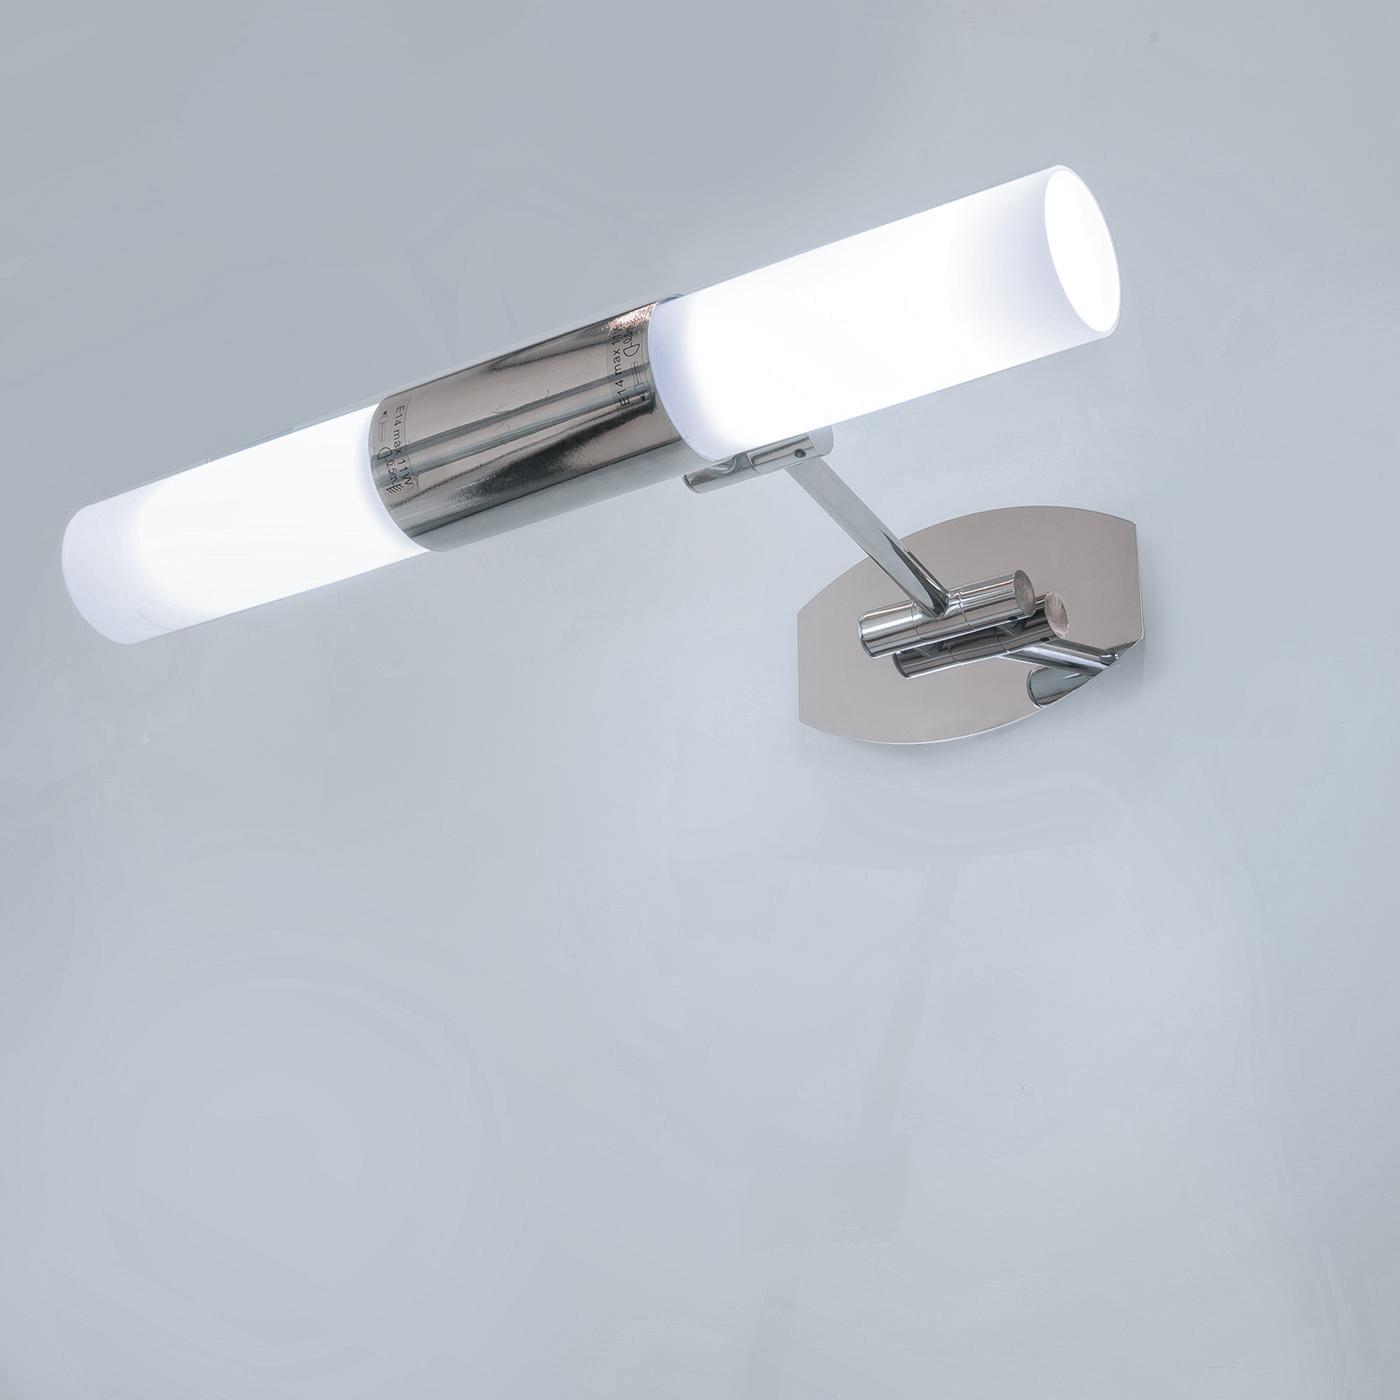 Applique led per specchio bagno - :: prova sito::: - Lampada da ...